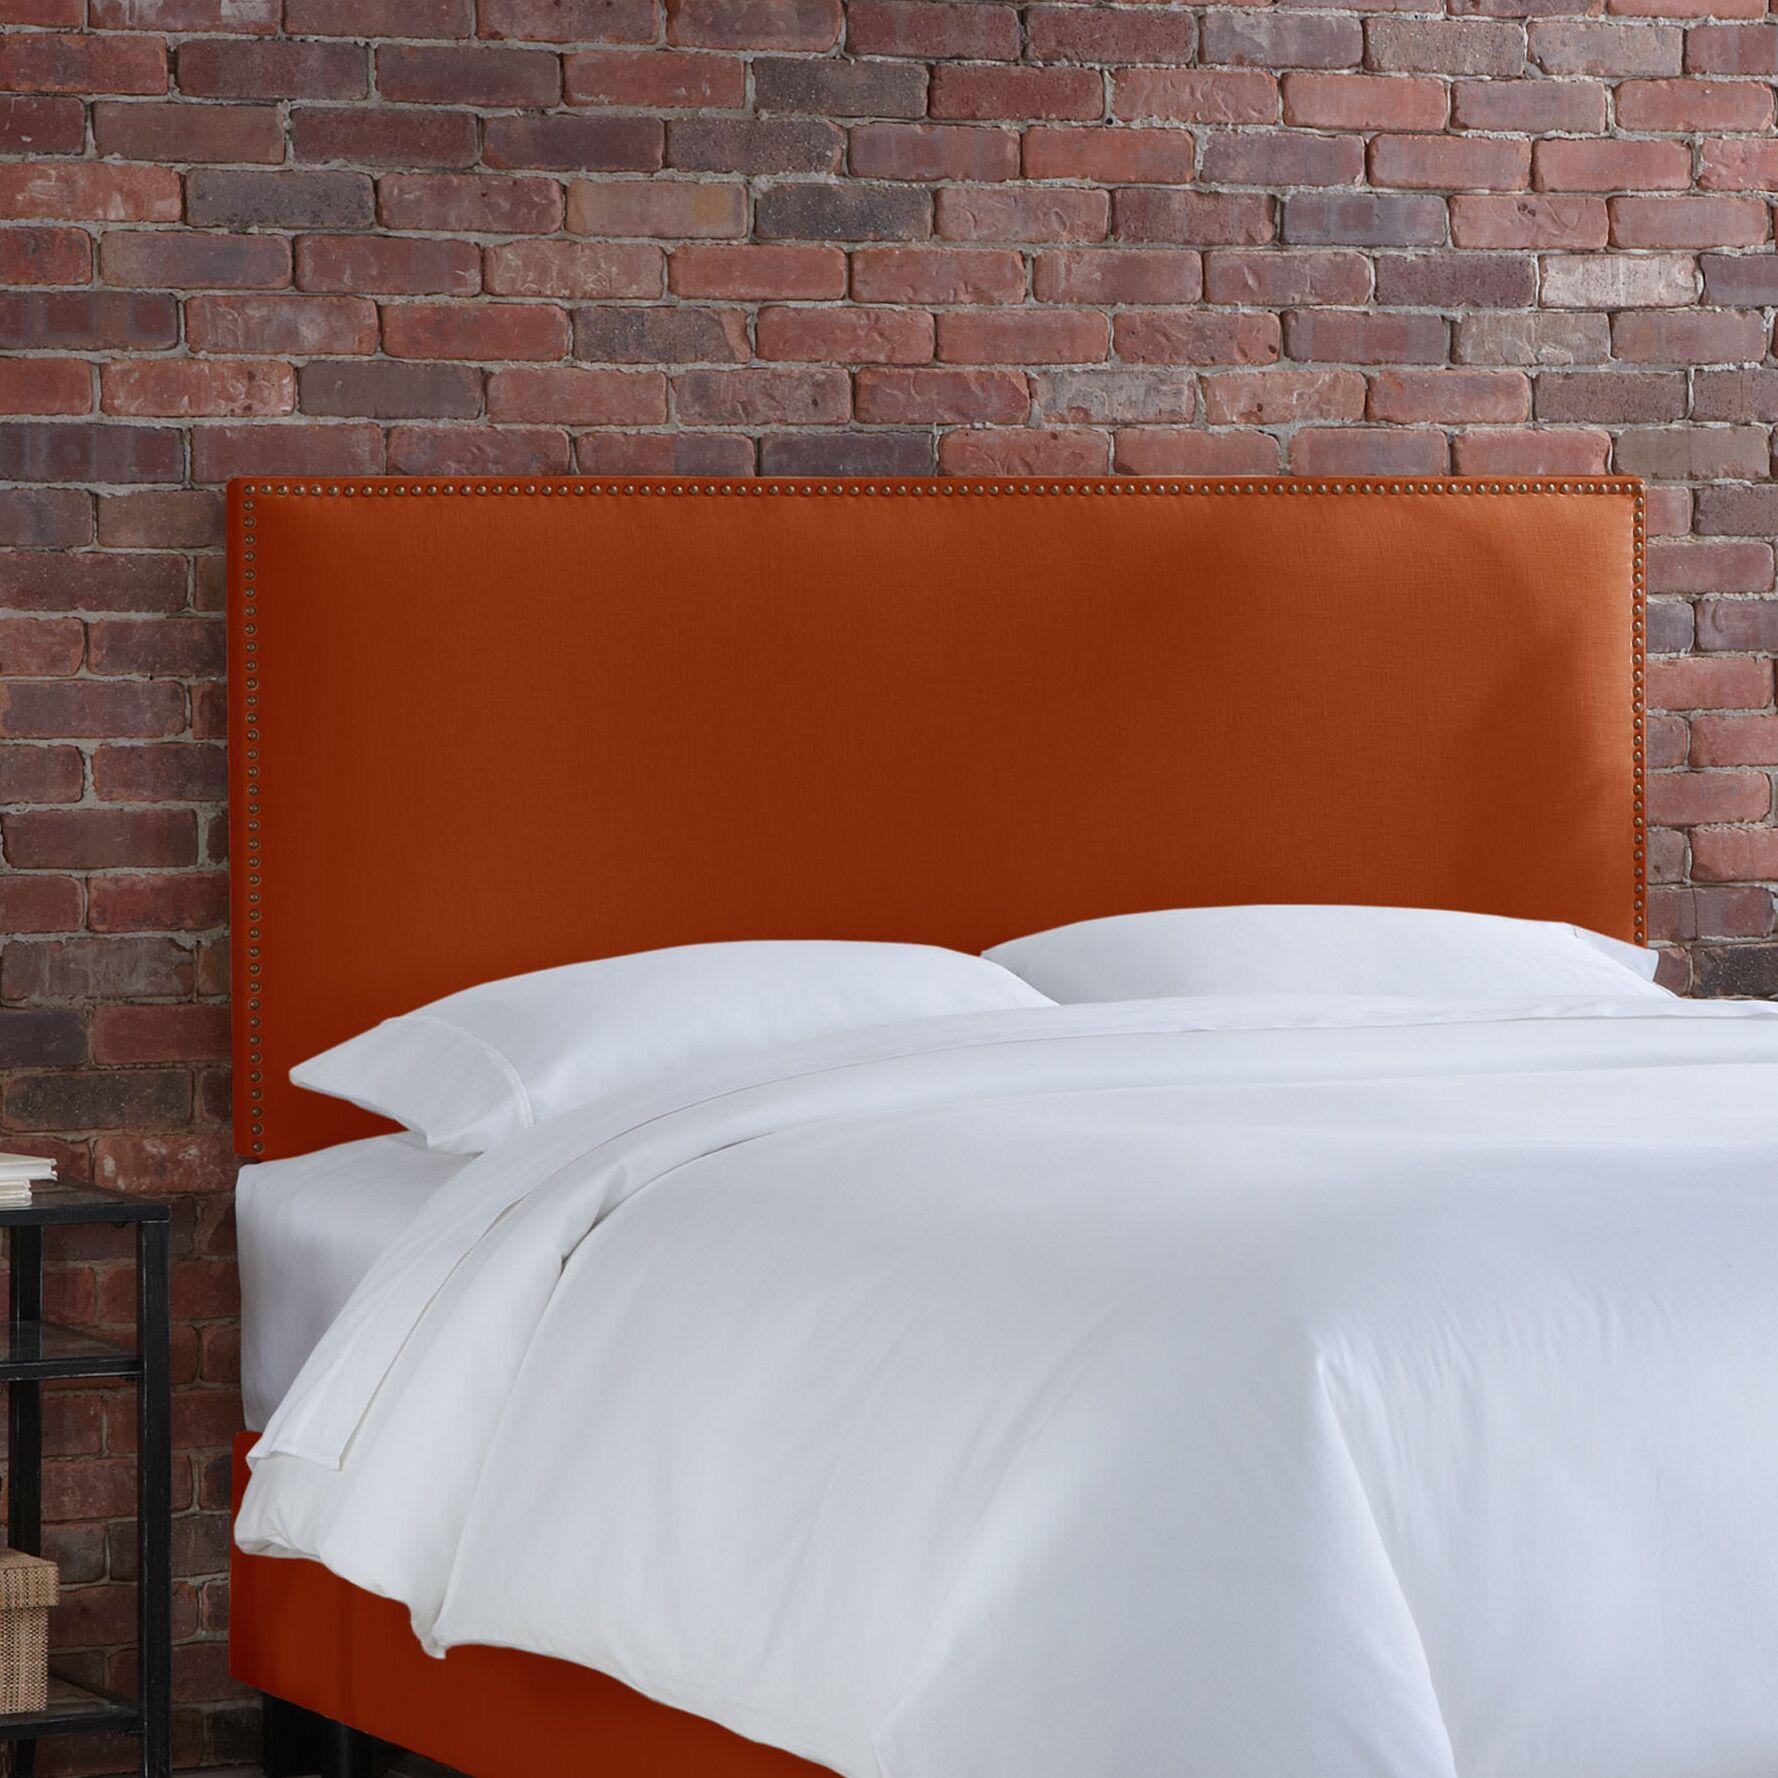 Doleman Upholstered Panel Headboard Upholstery: Tangerine, Size: Full